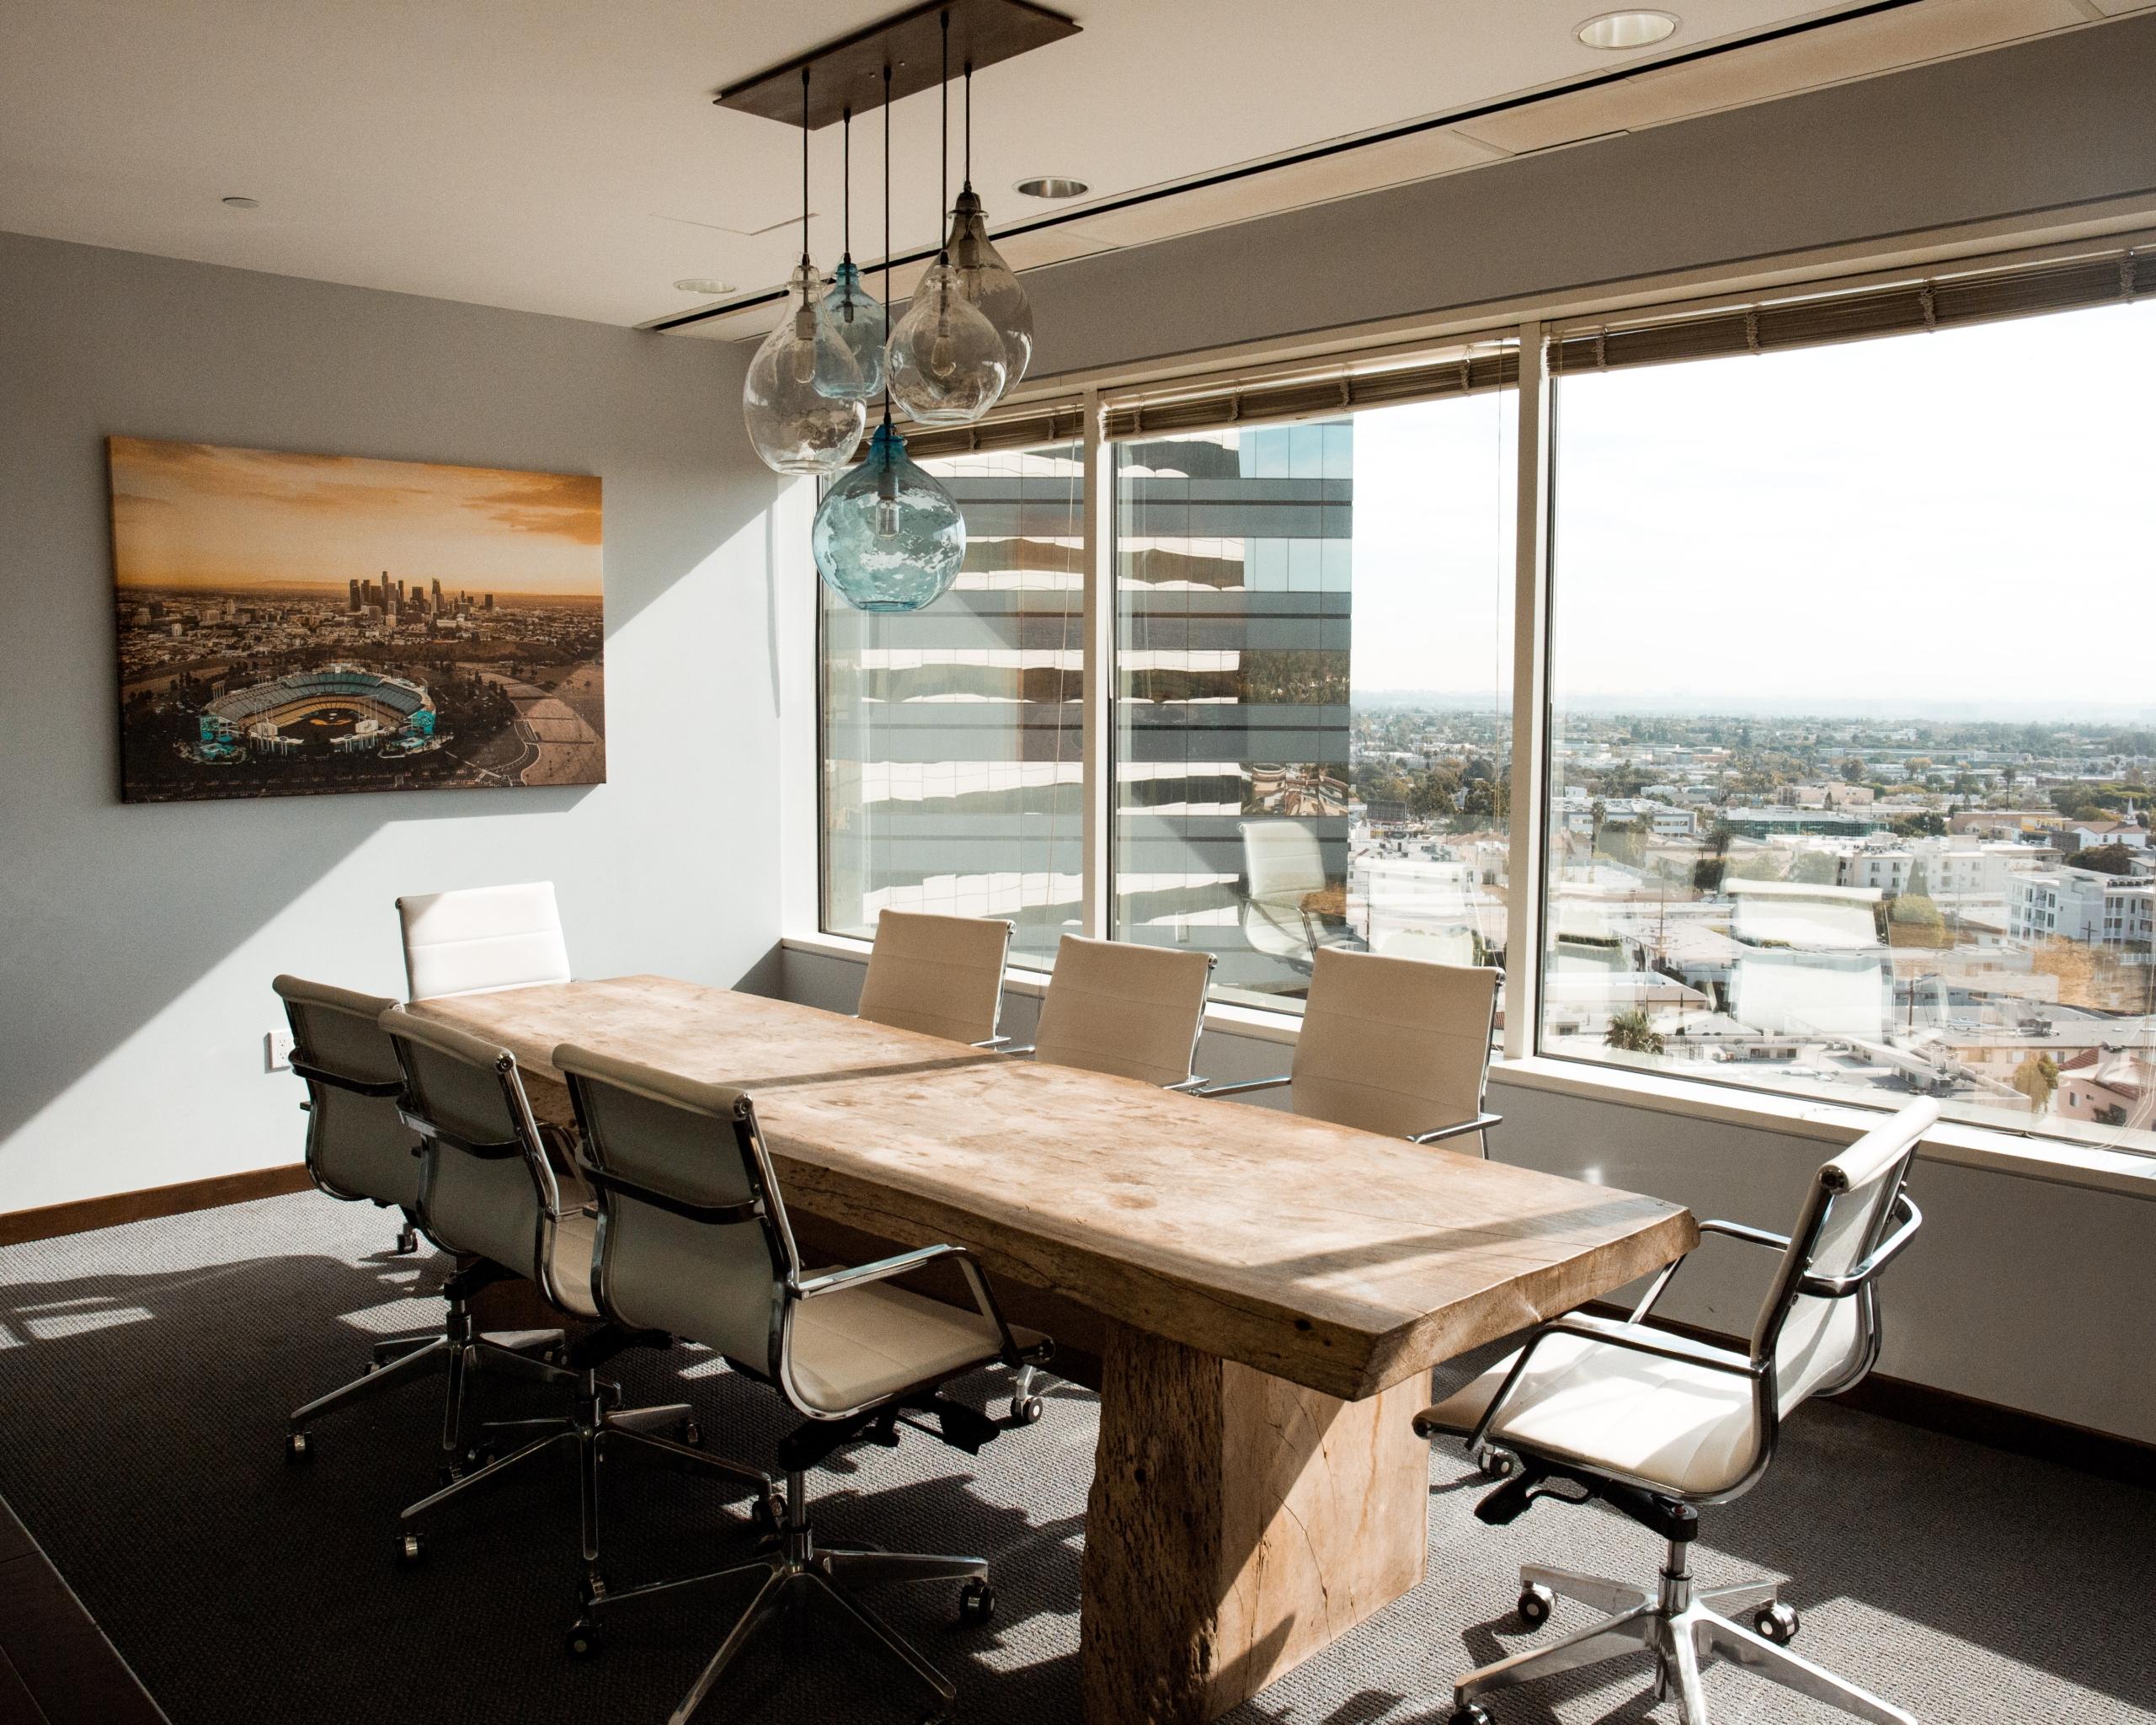 el futuro de las oficinas